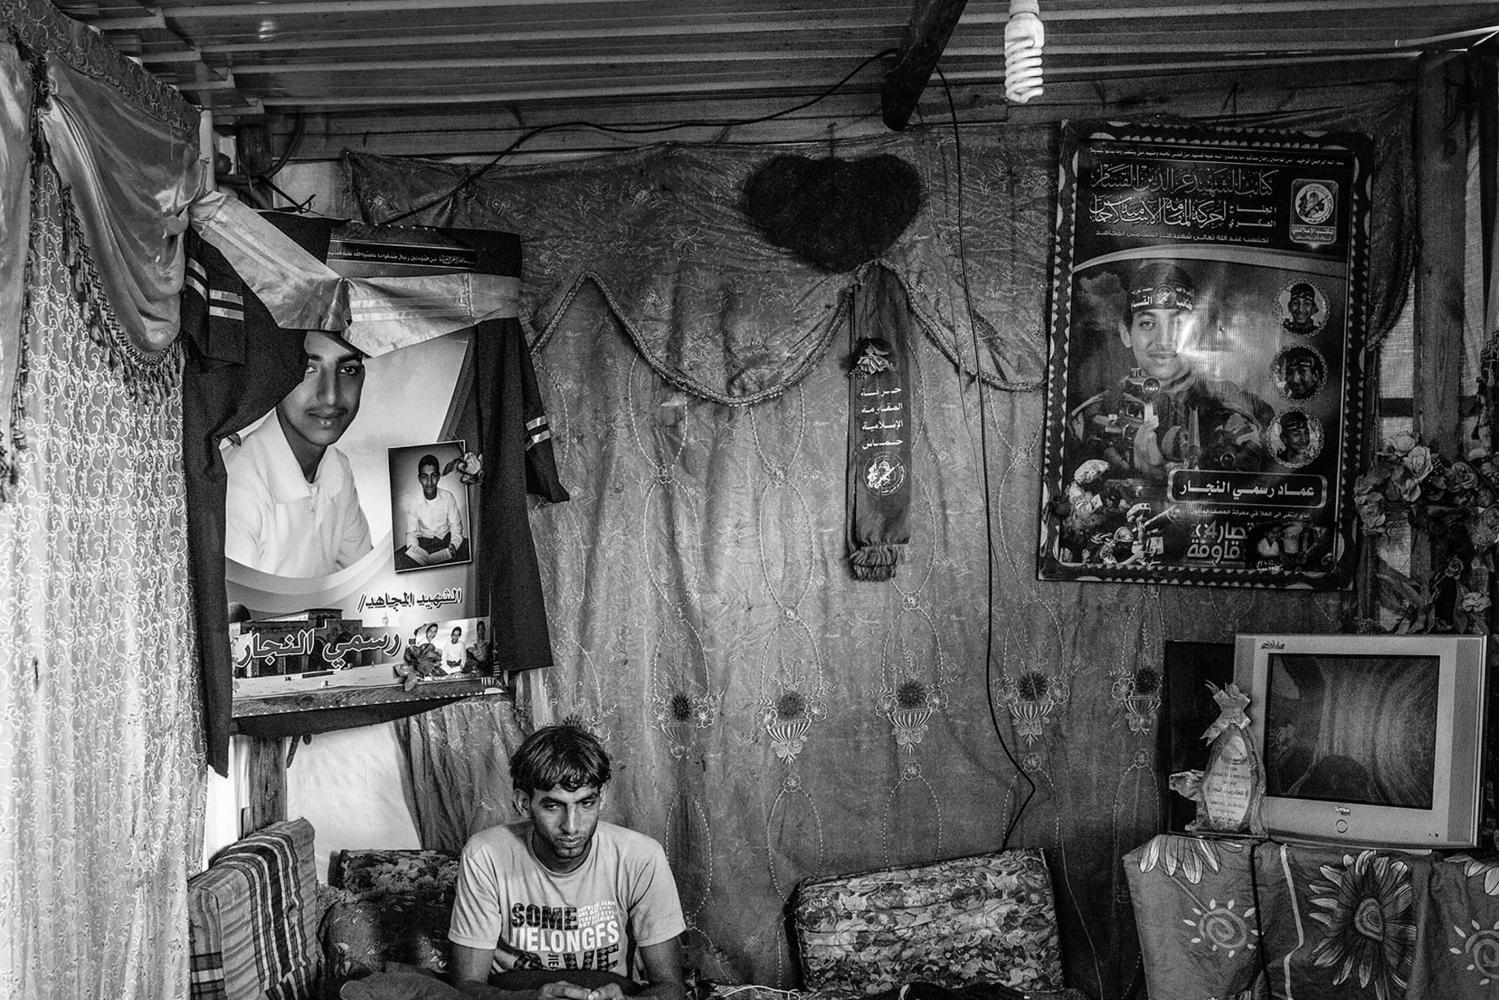 Gaza, Khuzaa: Ahmed Al Najar est assis dans le salon du conteneur où vit sa soeur et sa mère. Au-dessus de lui, des photos de son frère tué pendant la guerre de 2014. 09/08/15